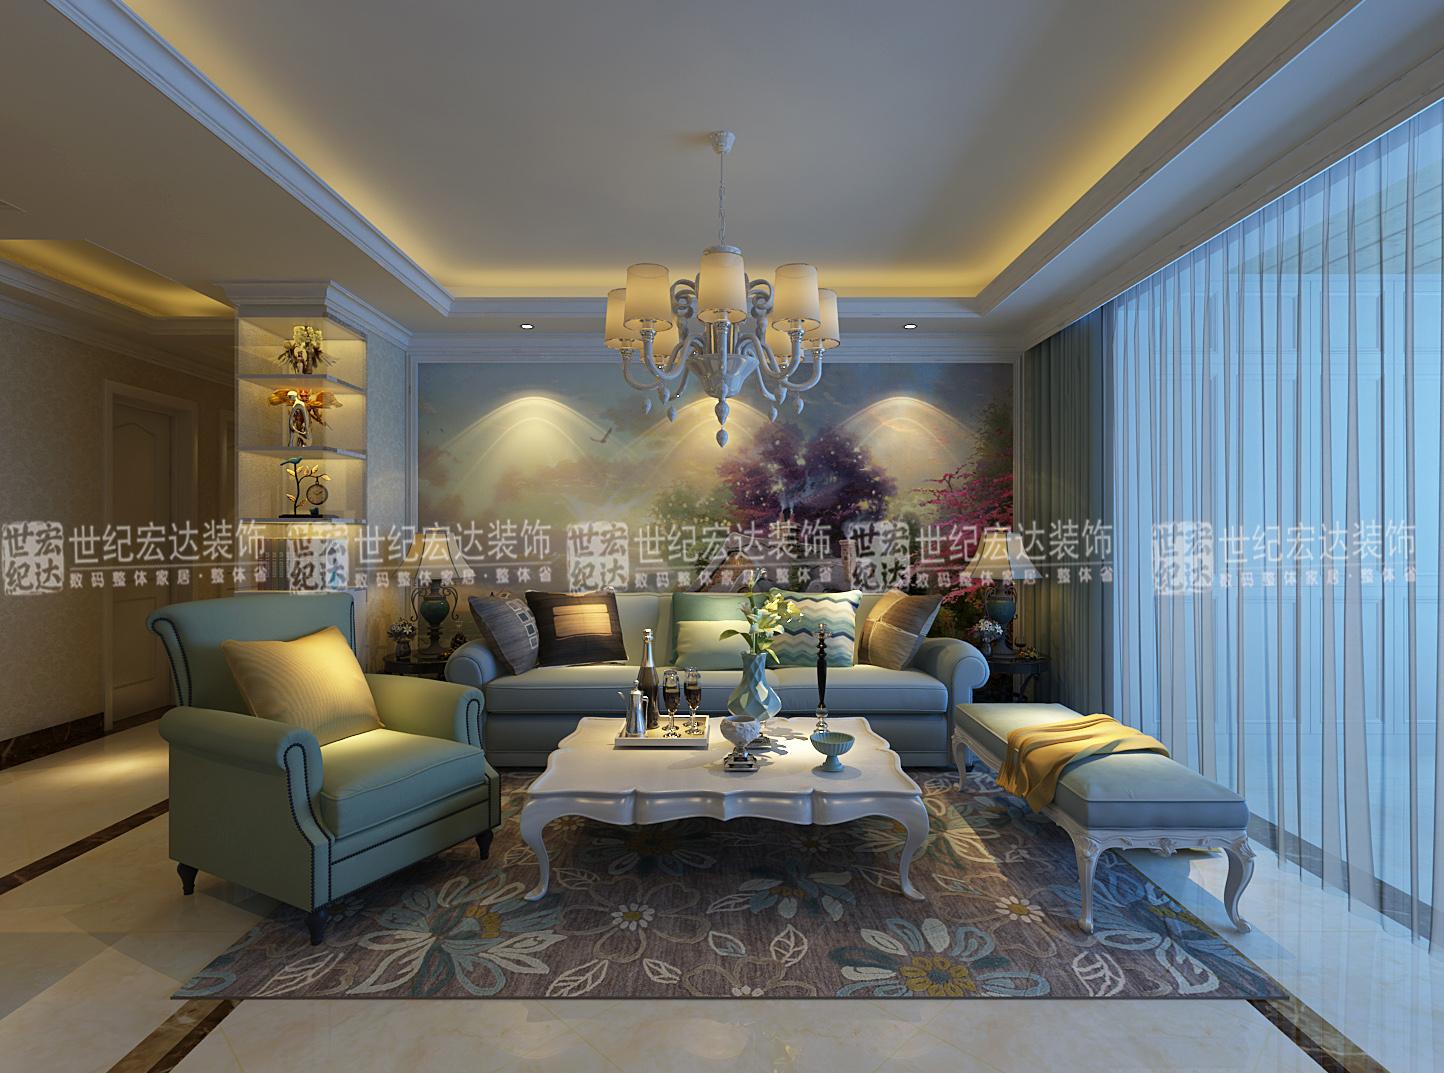 包含项目: 墙面处理,吊顶造型,吊顶石膏线,客厅影视墙硬包,隐形门